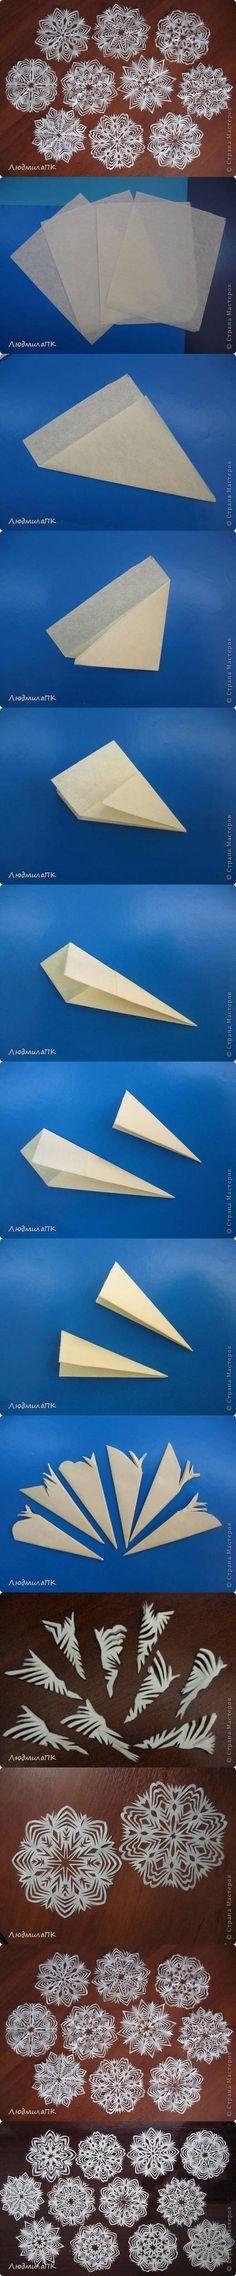 DIY Schneeflocken aus Papier